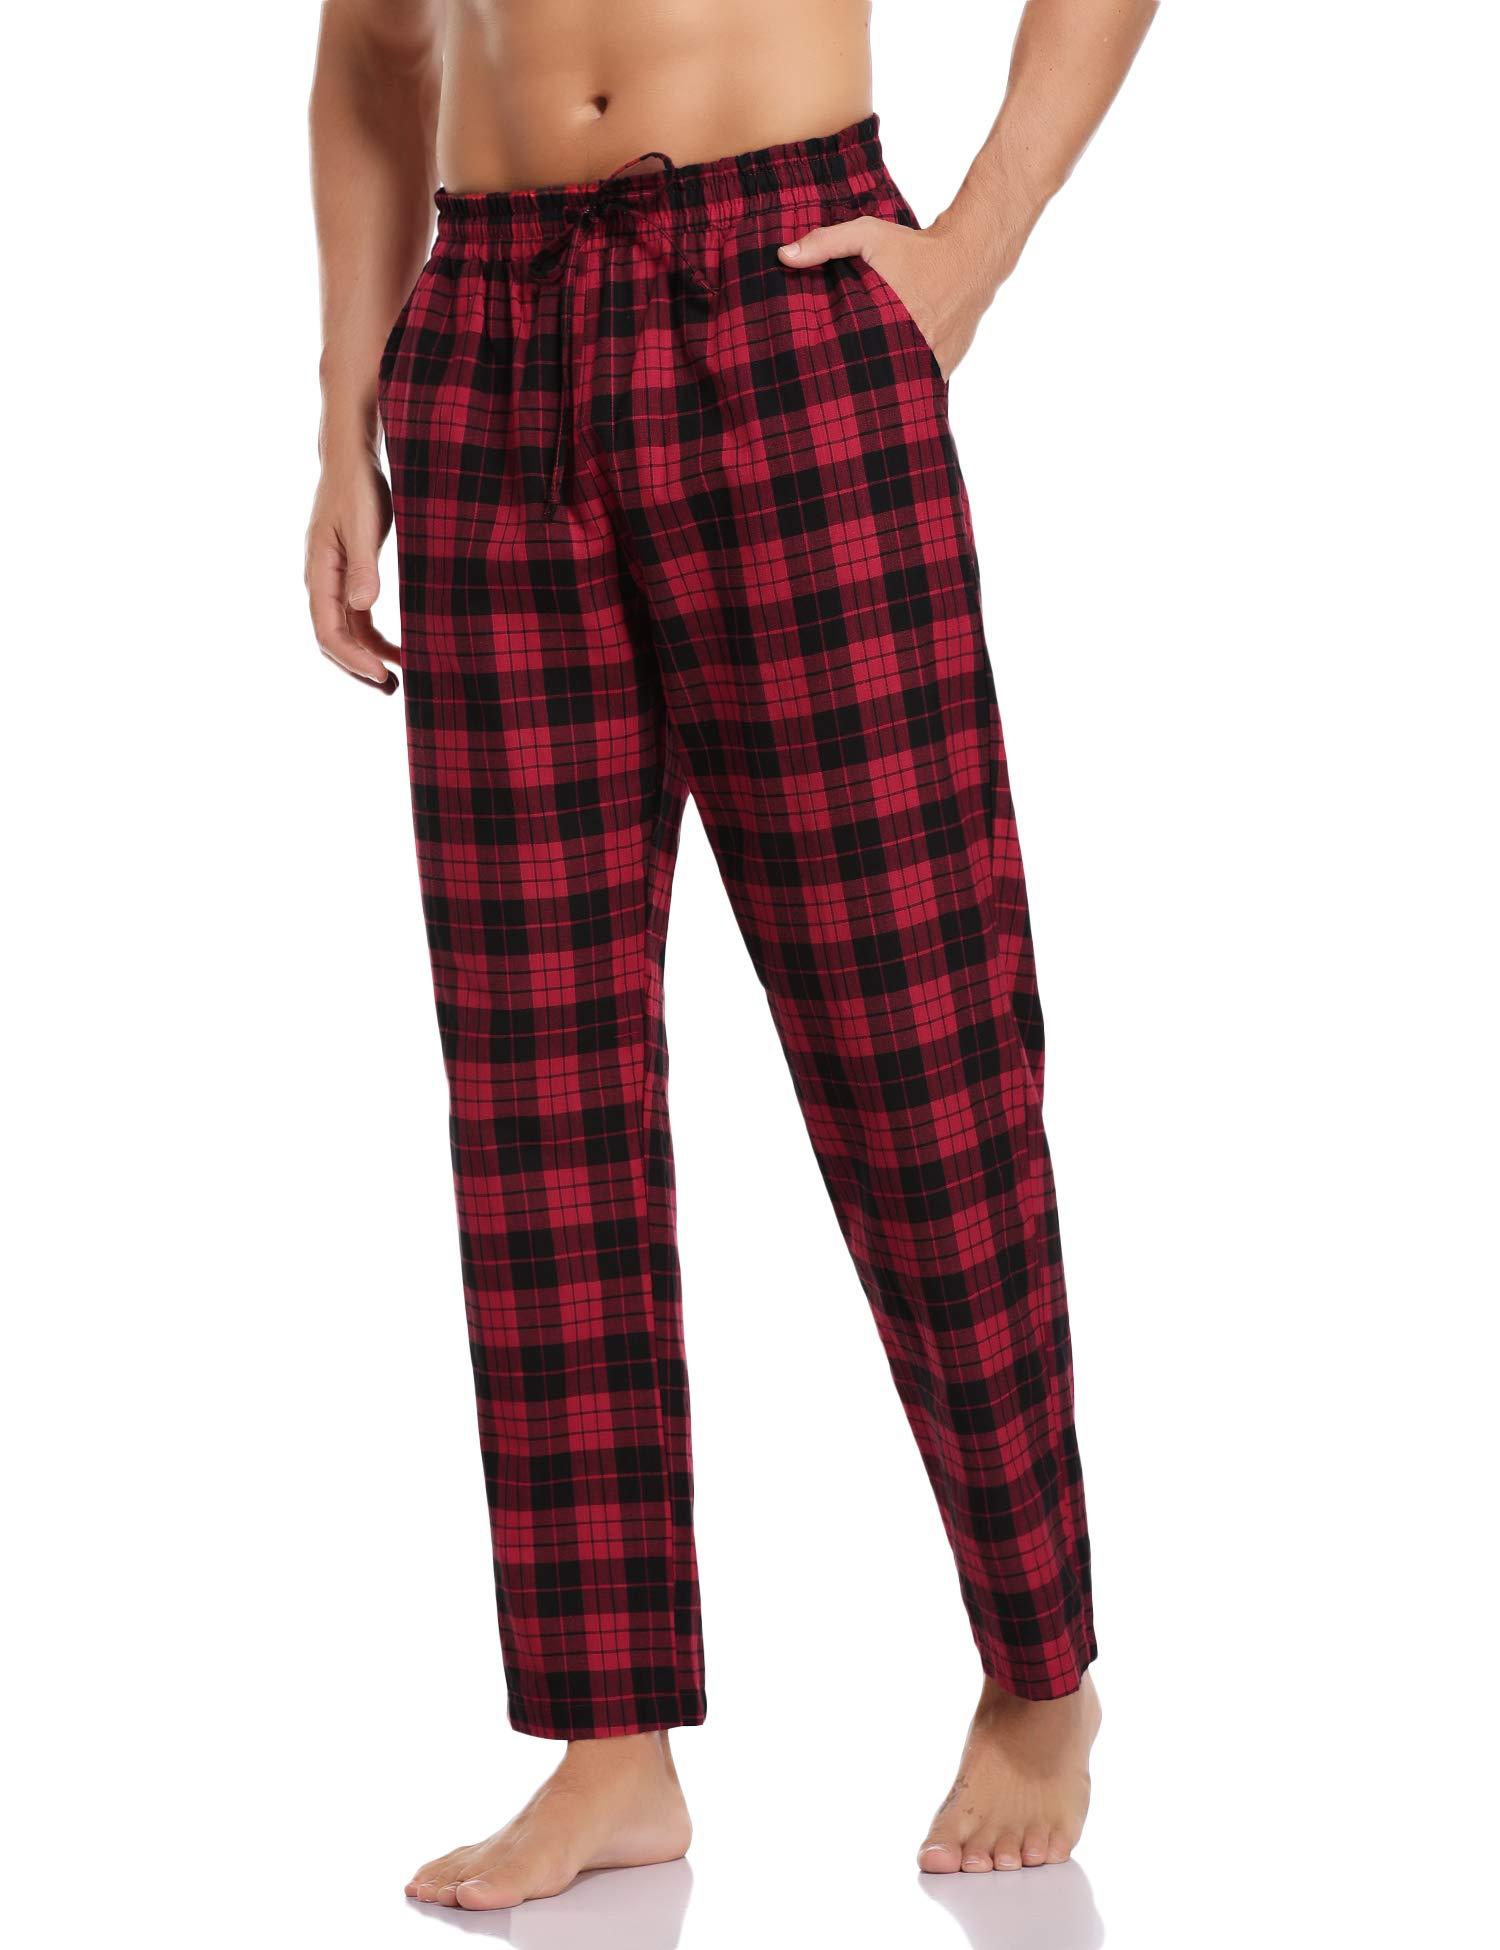 Pantalon de Pyjama Homme, Pantalon à Carreaux 95% Coton pour Hommes Pantalon Décontracté